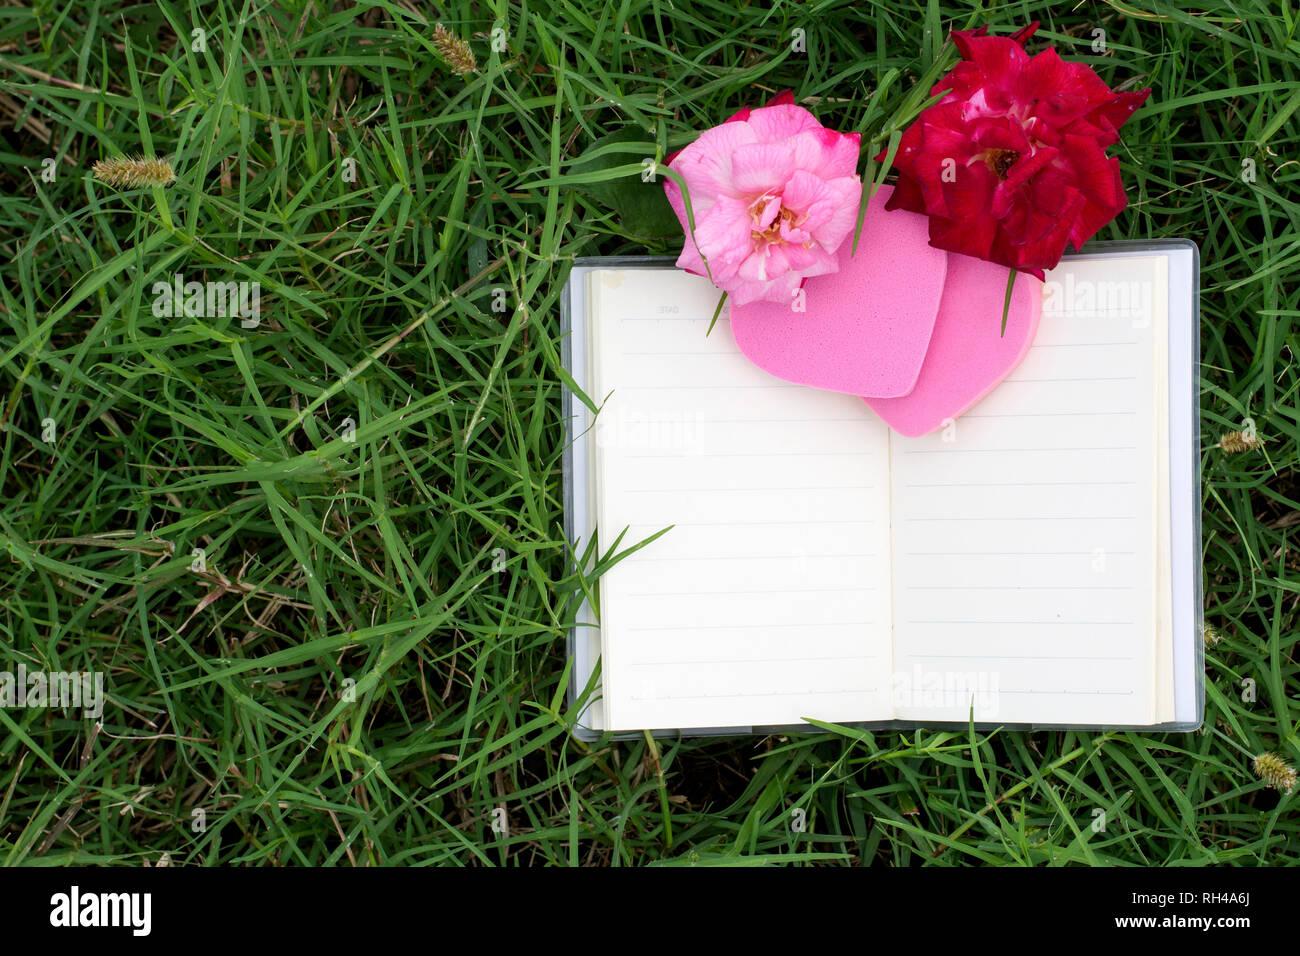 Spruche Spruche Rosen